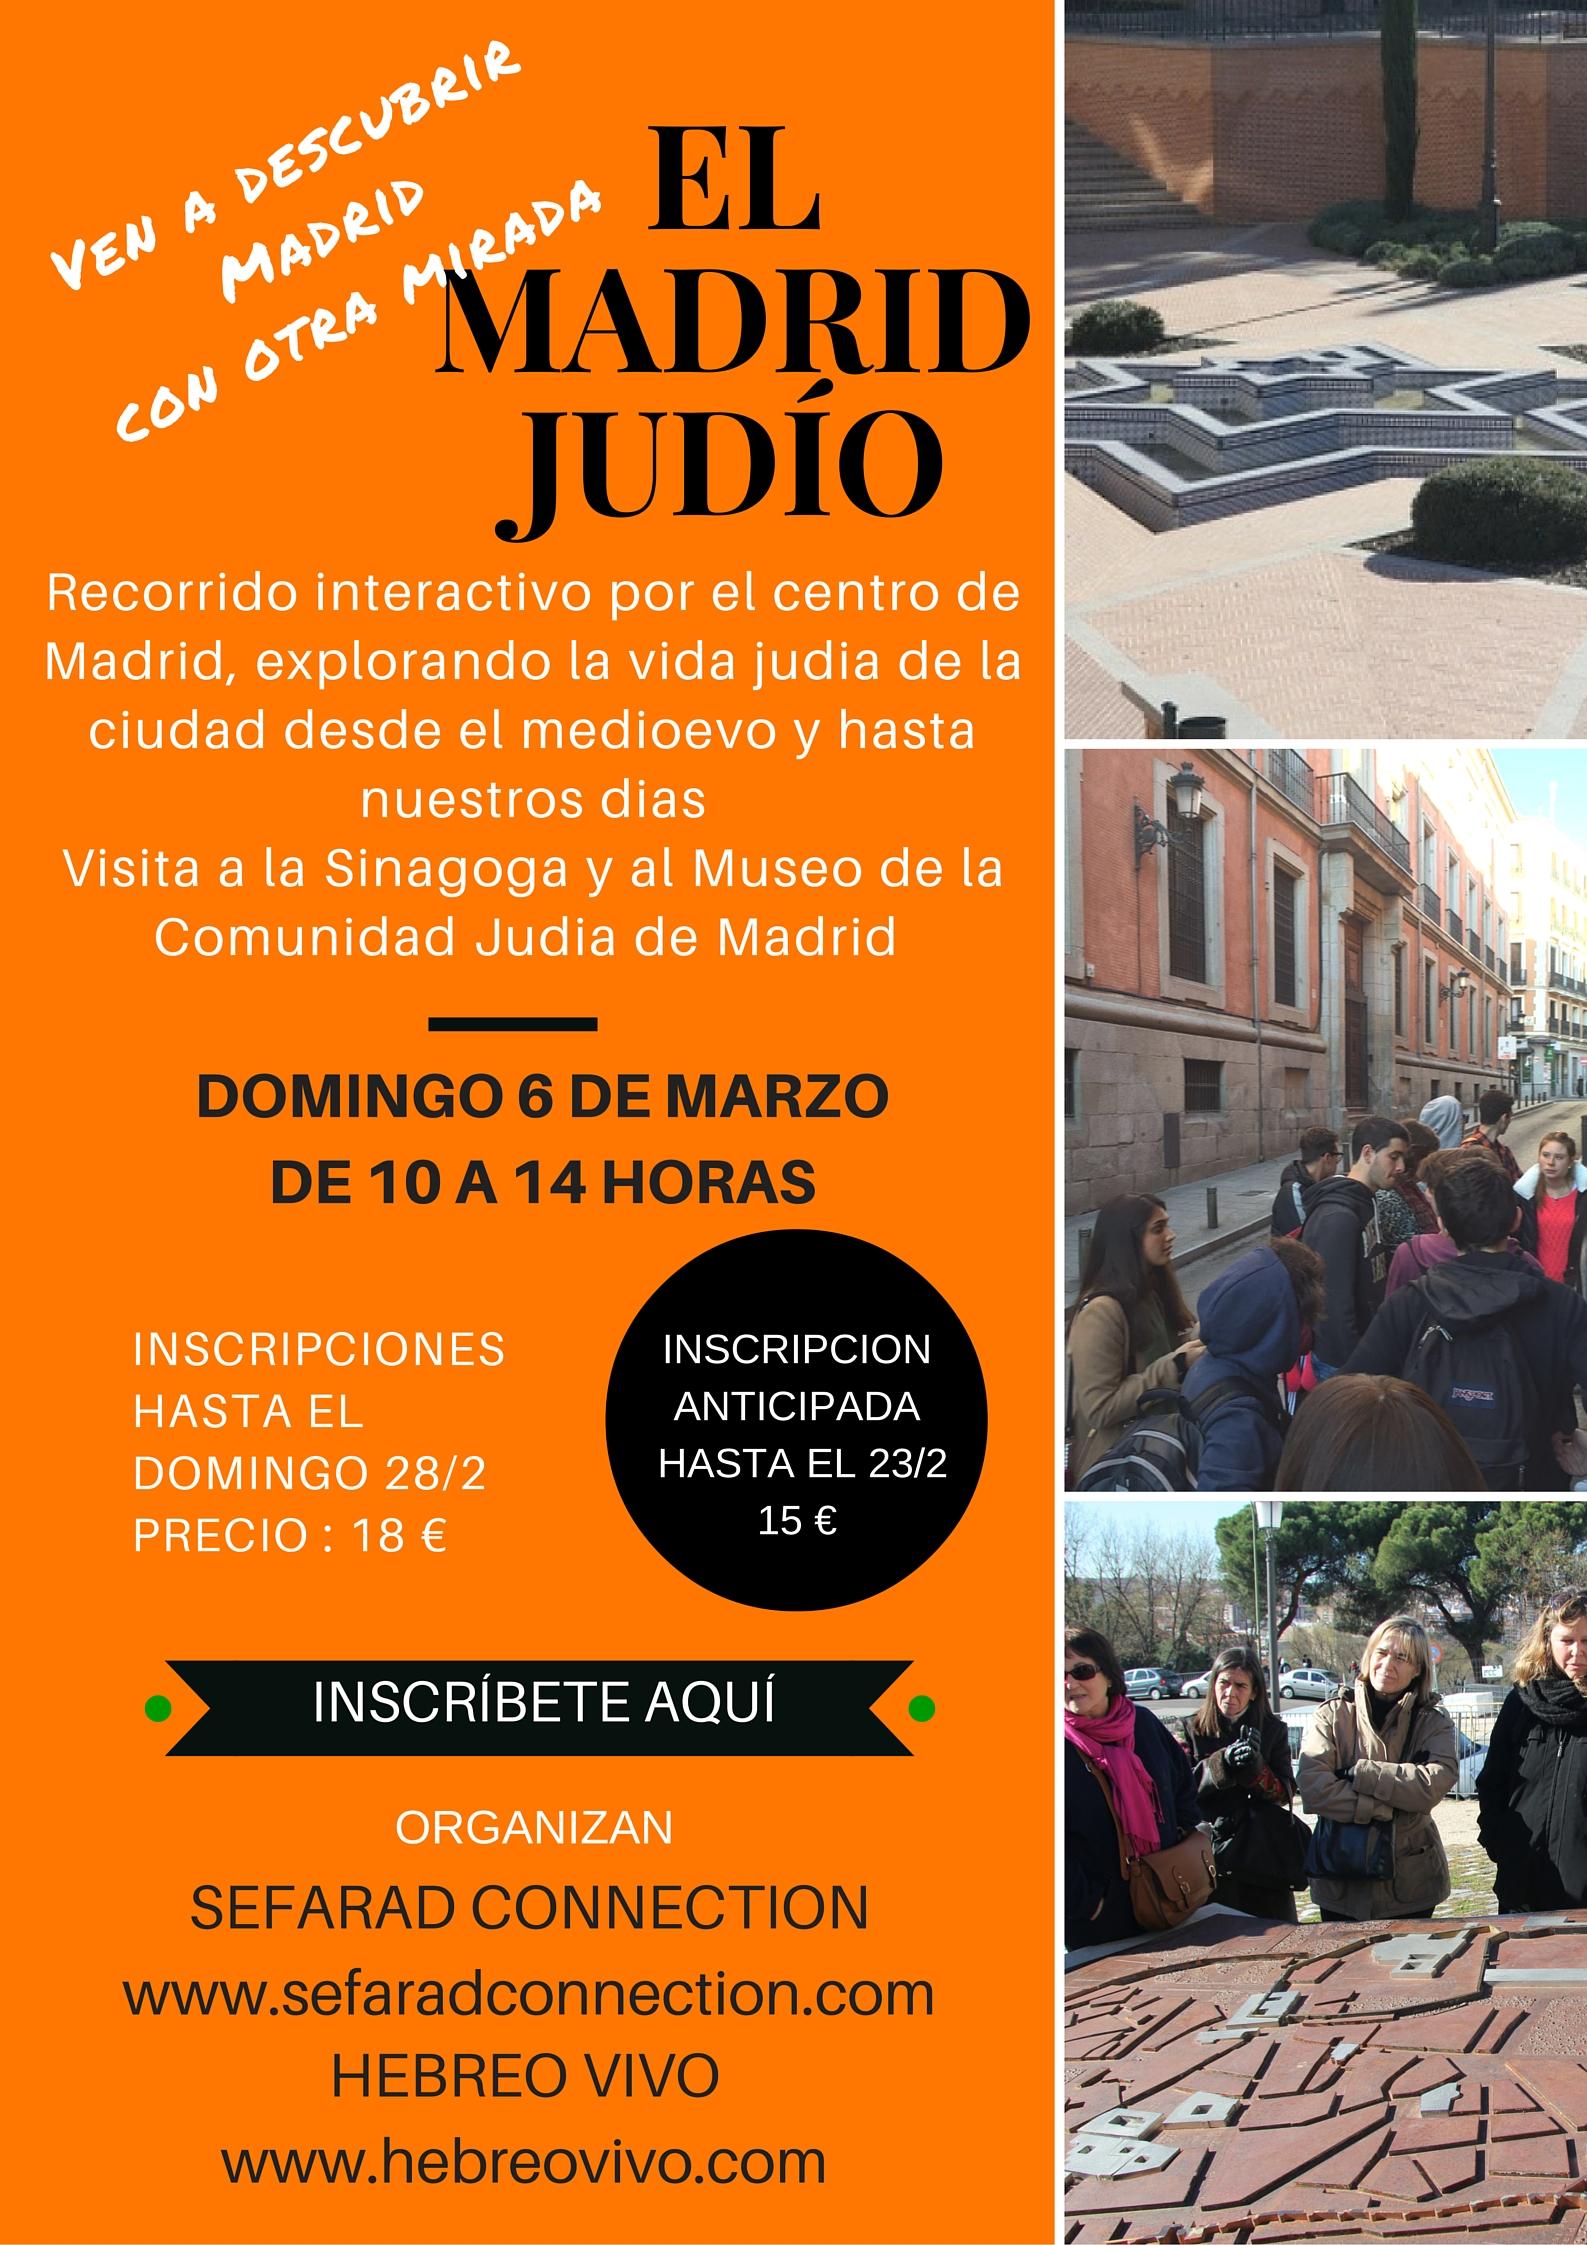 Ven a descubrir Madrid con otra mirada